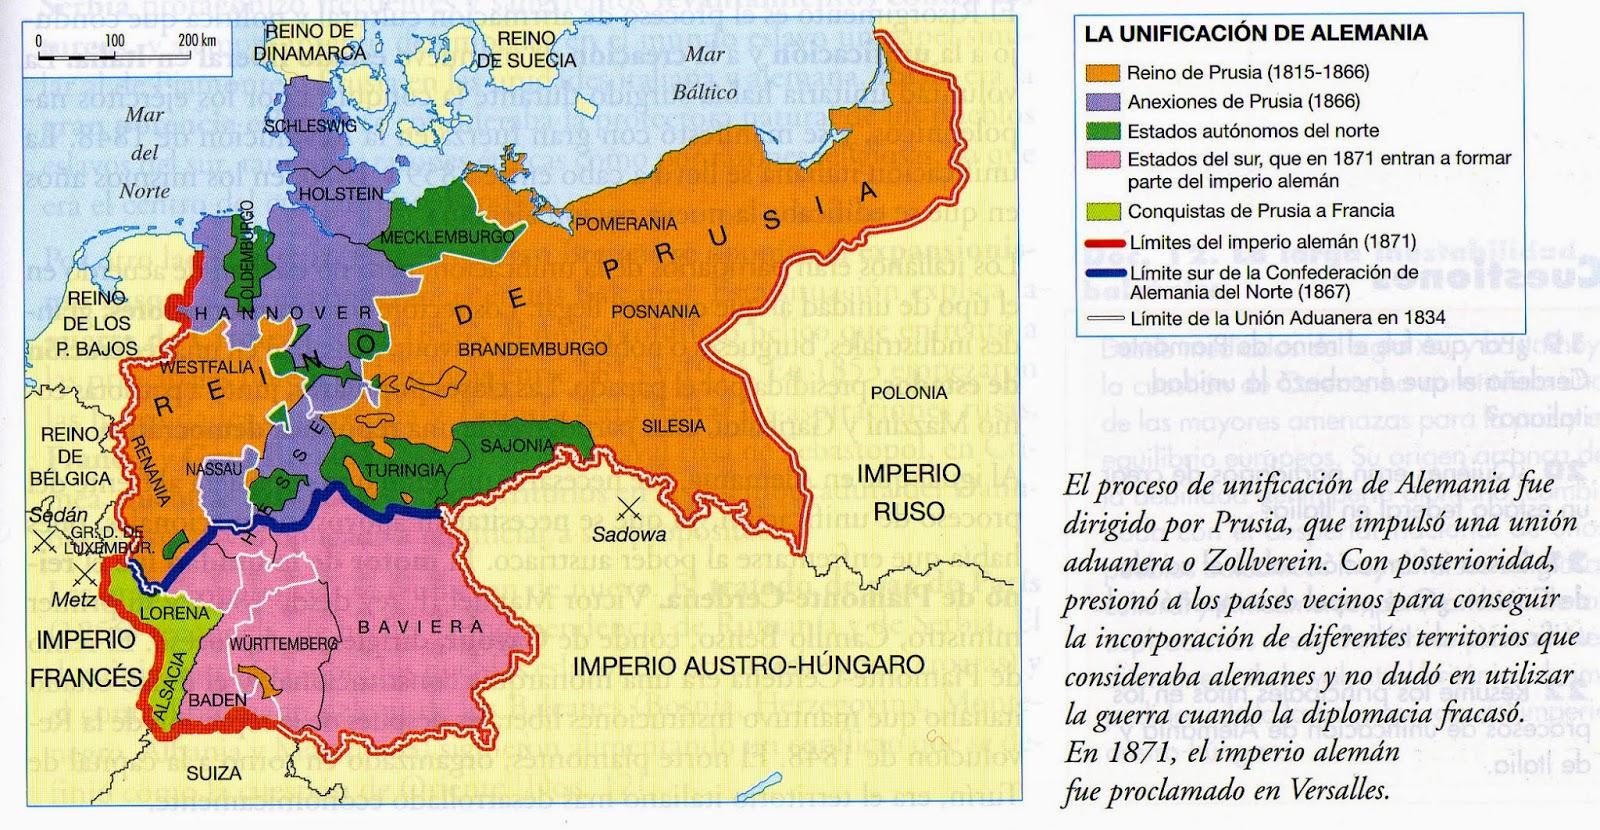 II Reich Alemán: Proceso de Unificación de Alemania